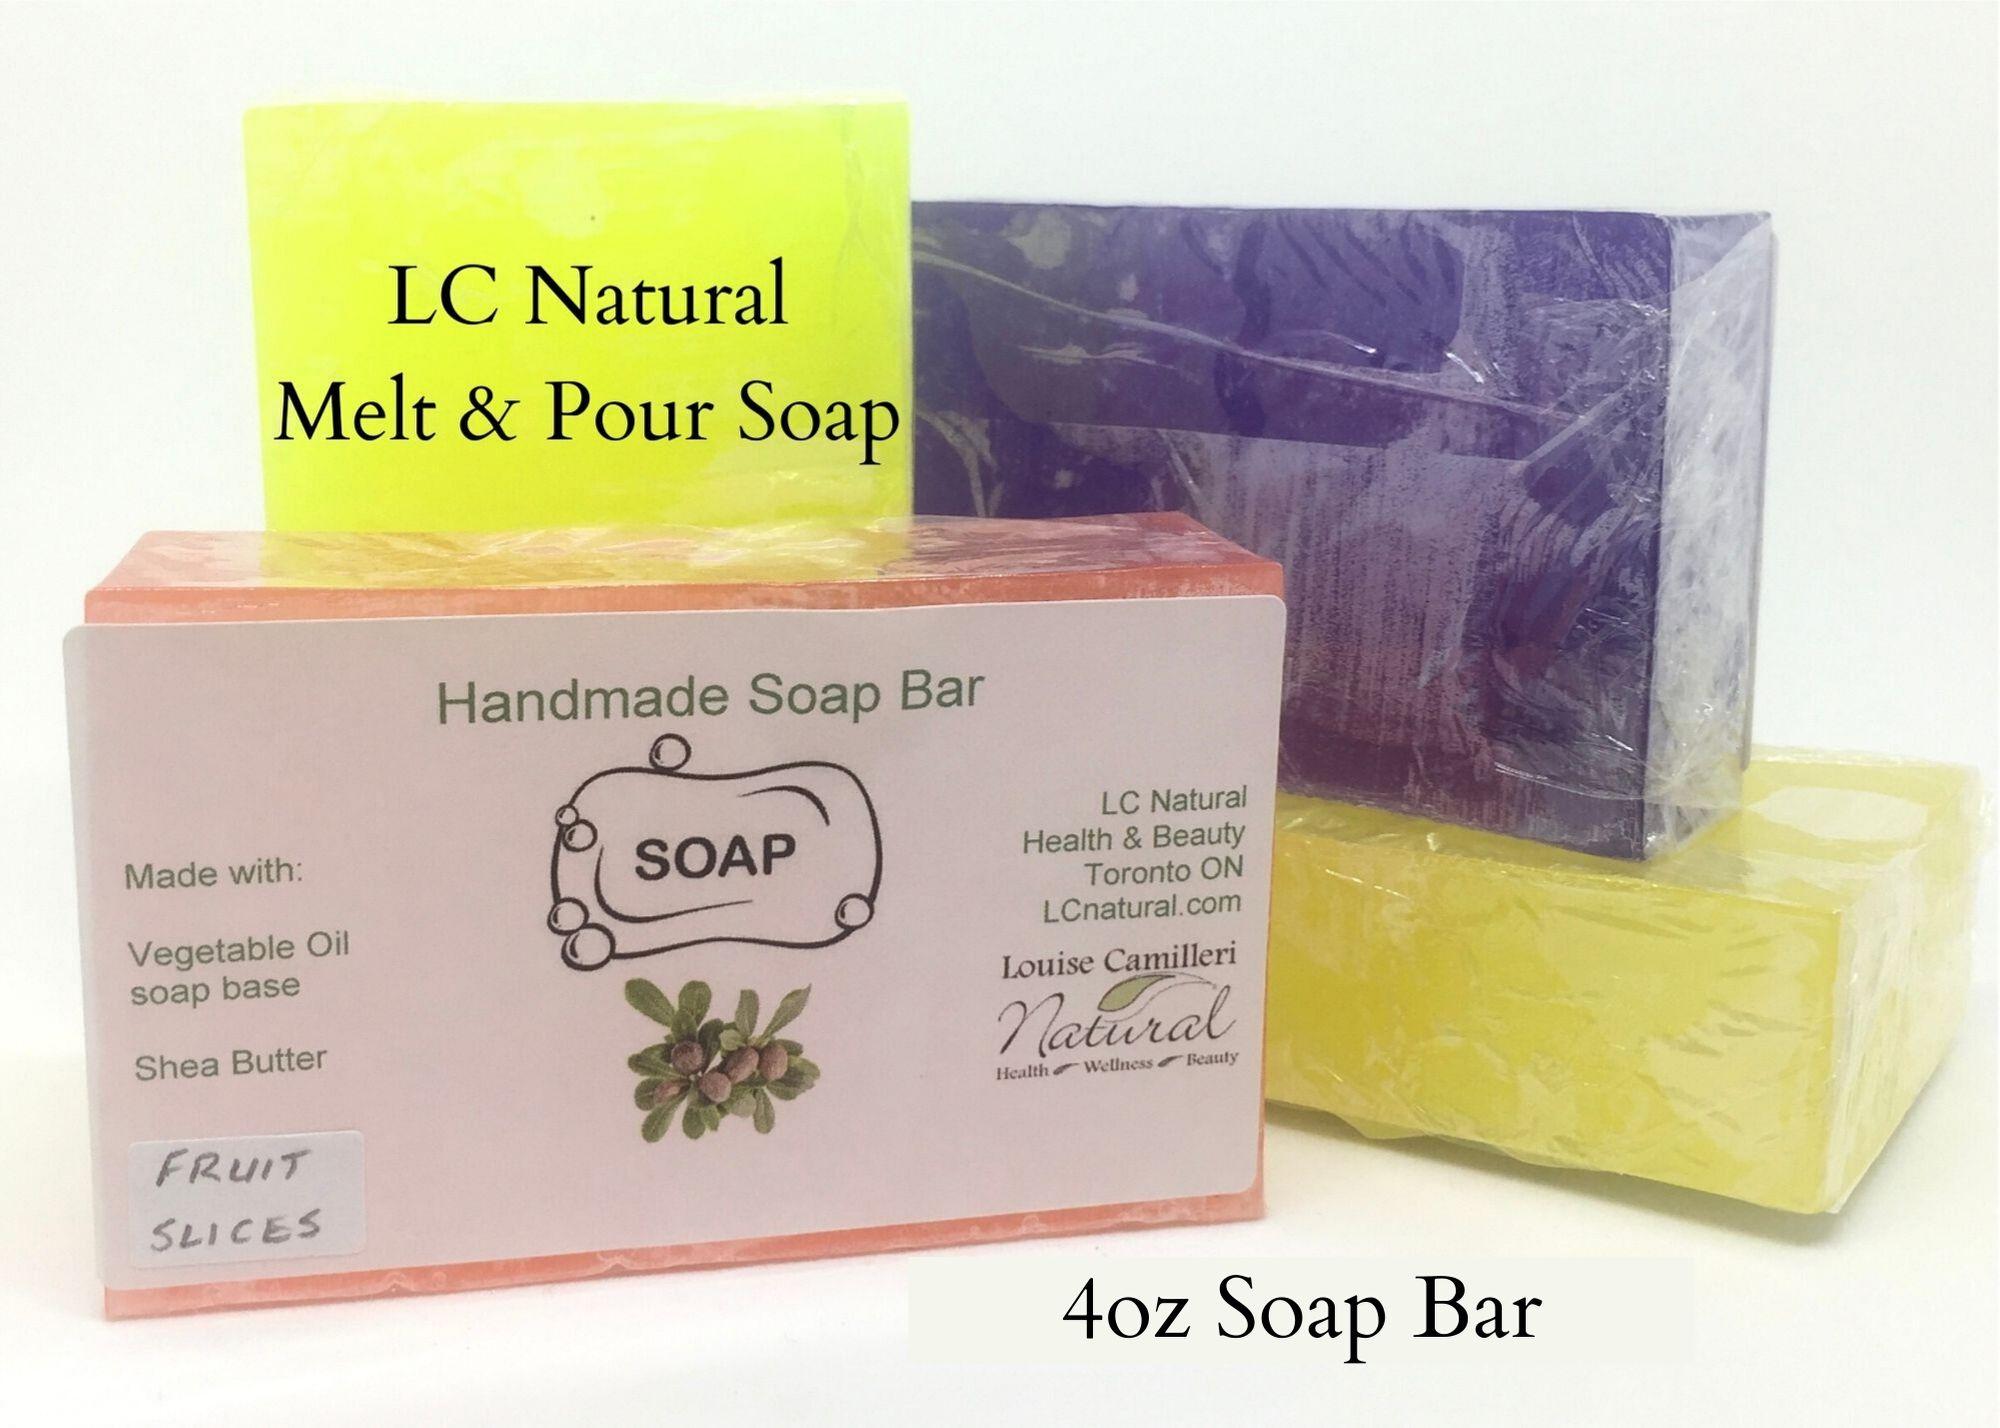 LC Natural Melt & Pour Soap